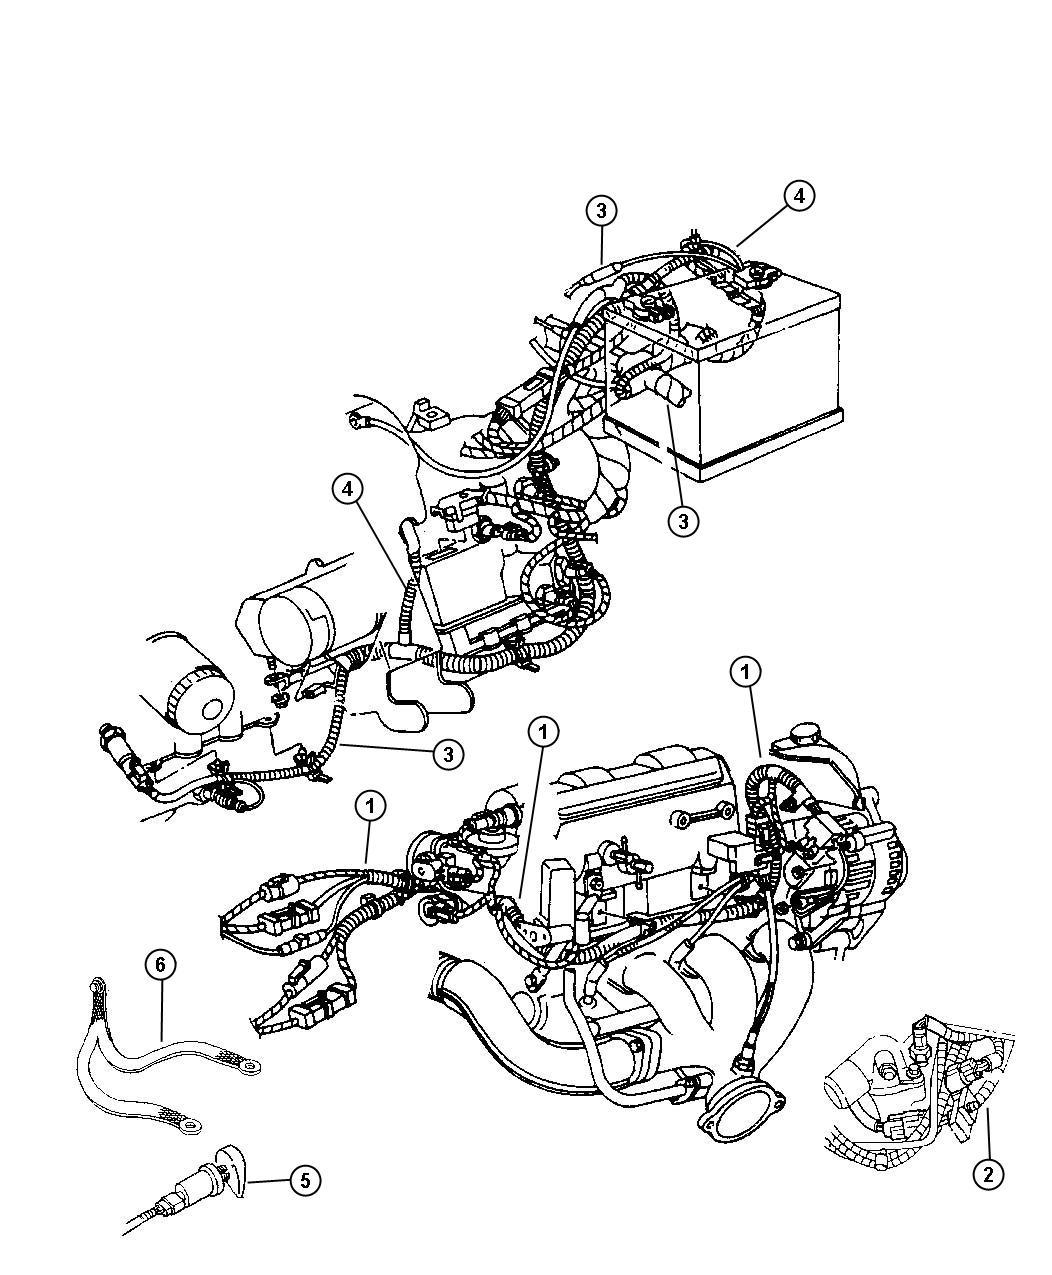 Dodge Intrepid Strap Ground Engine Right